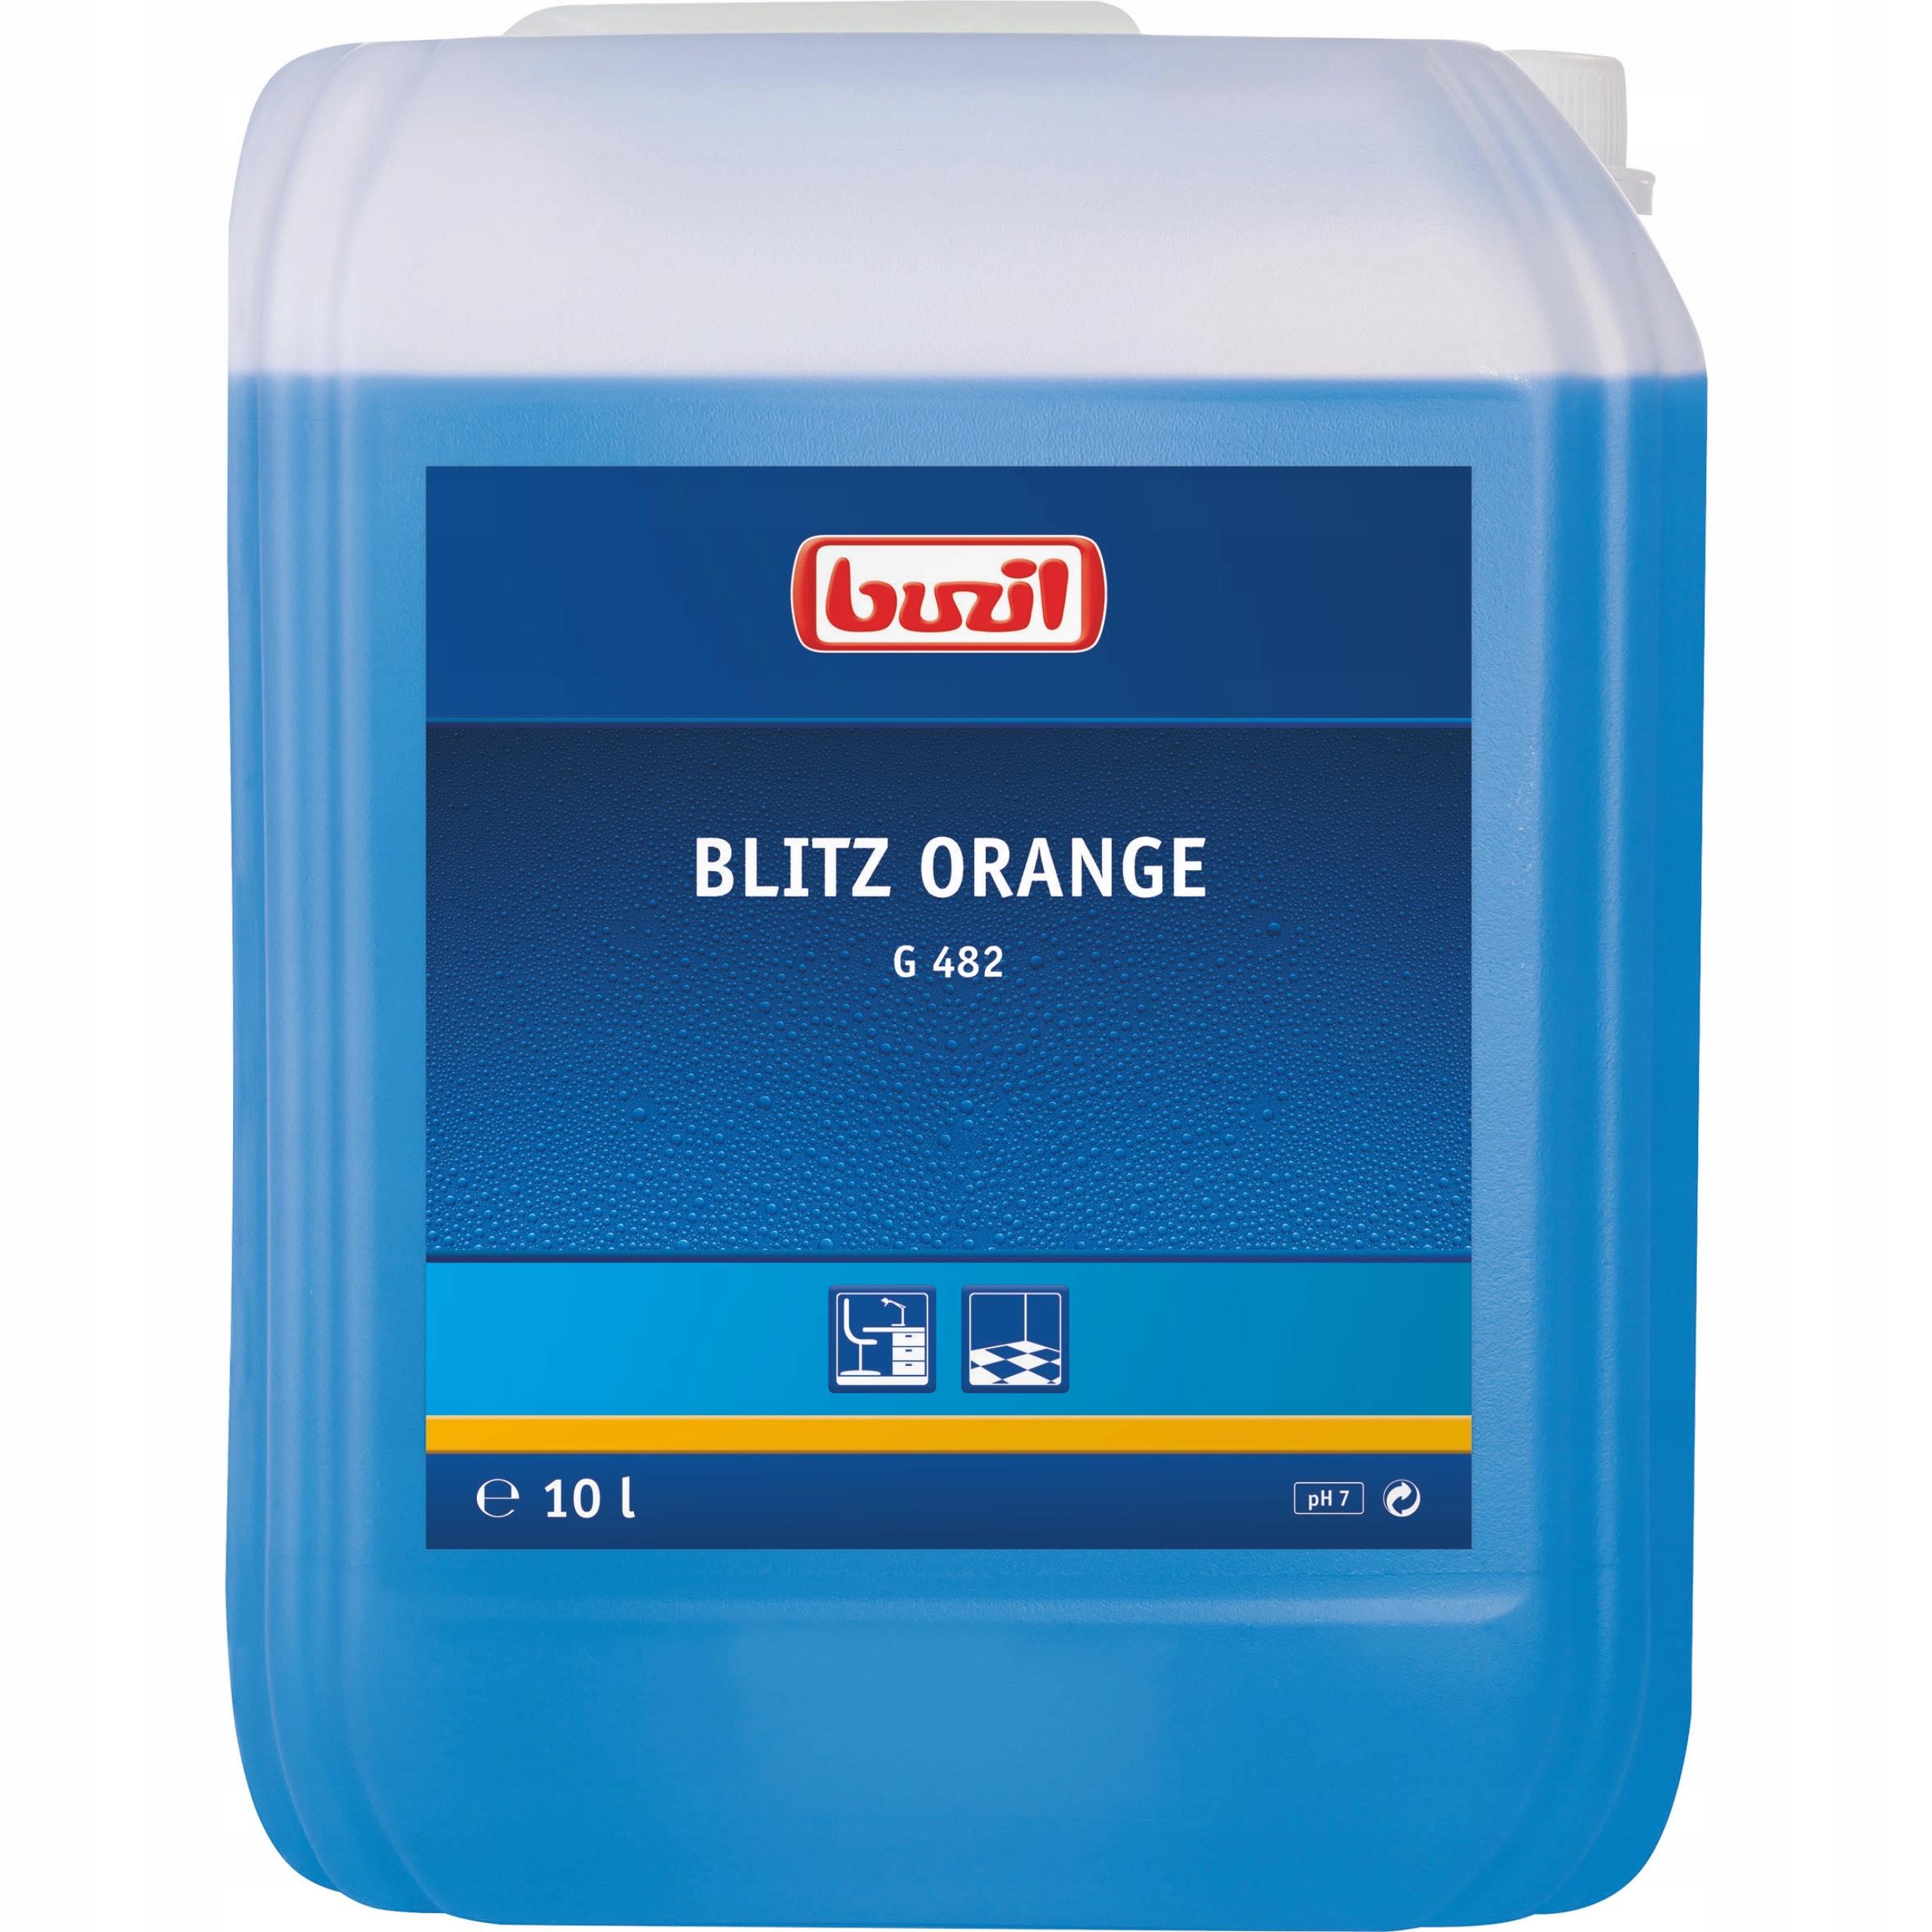 Uniwersalny myjący płyn Blitz Orange Buzil G482 10